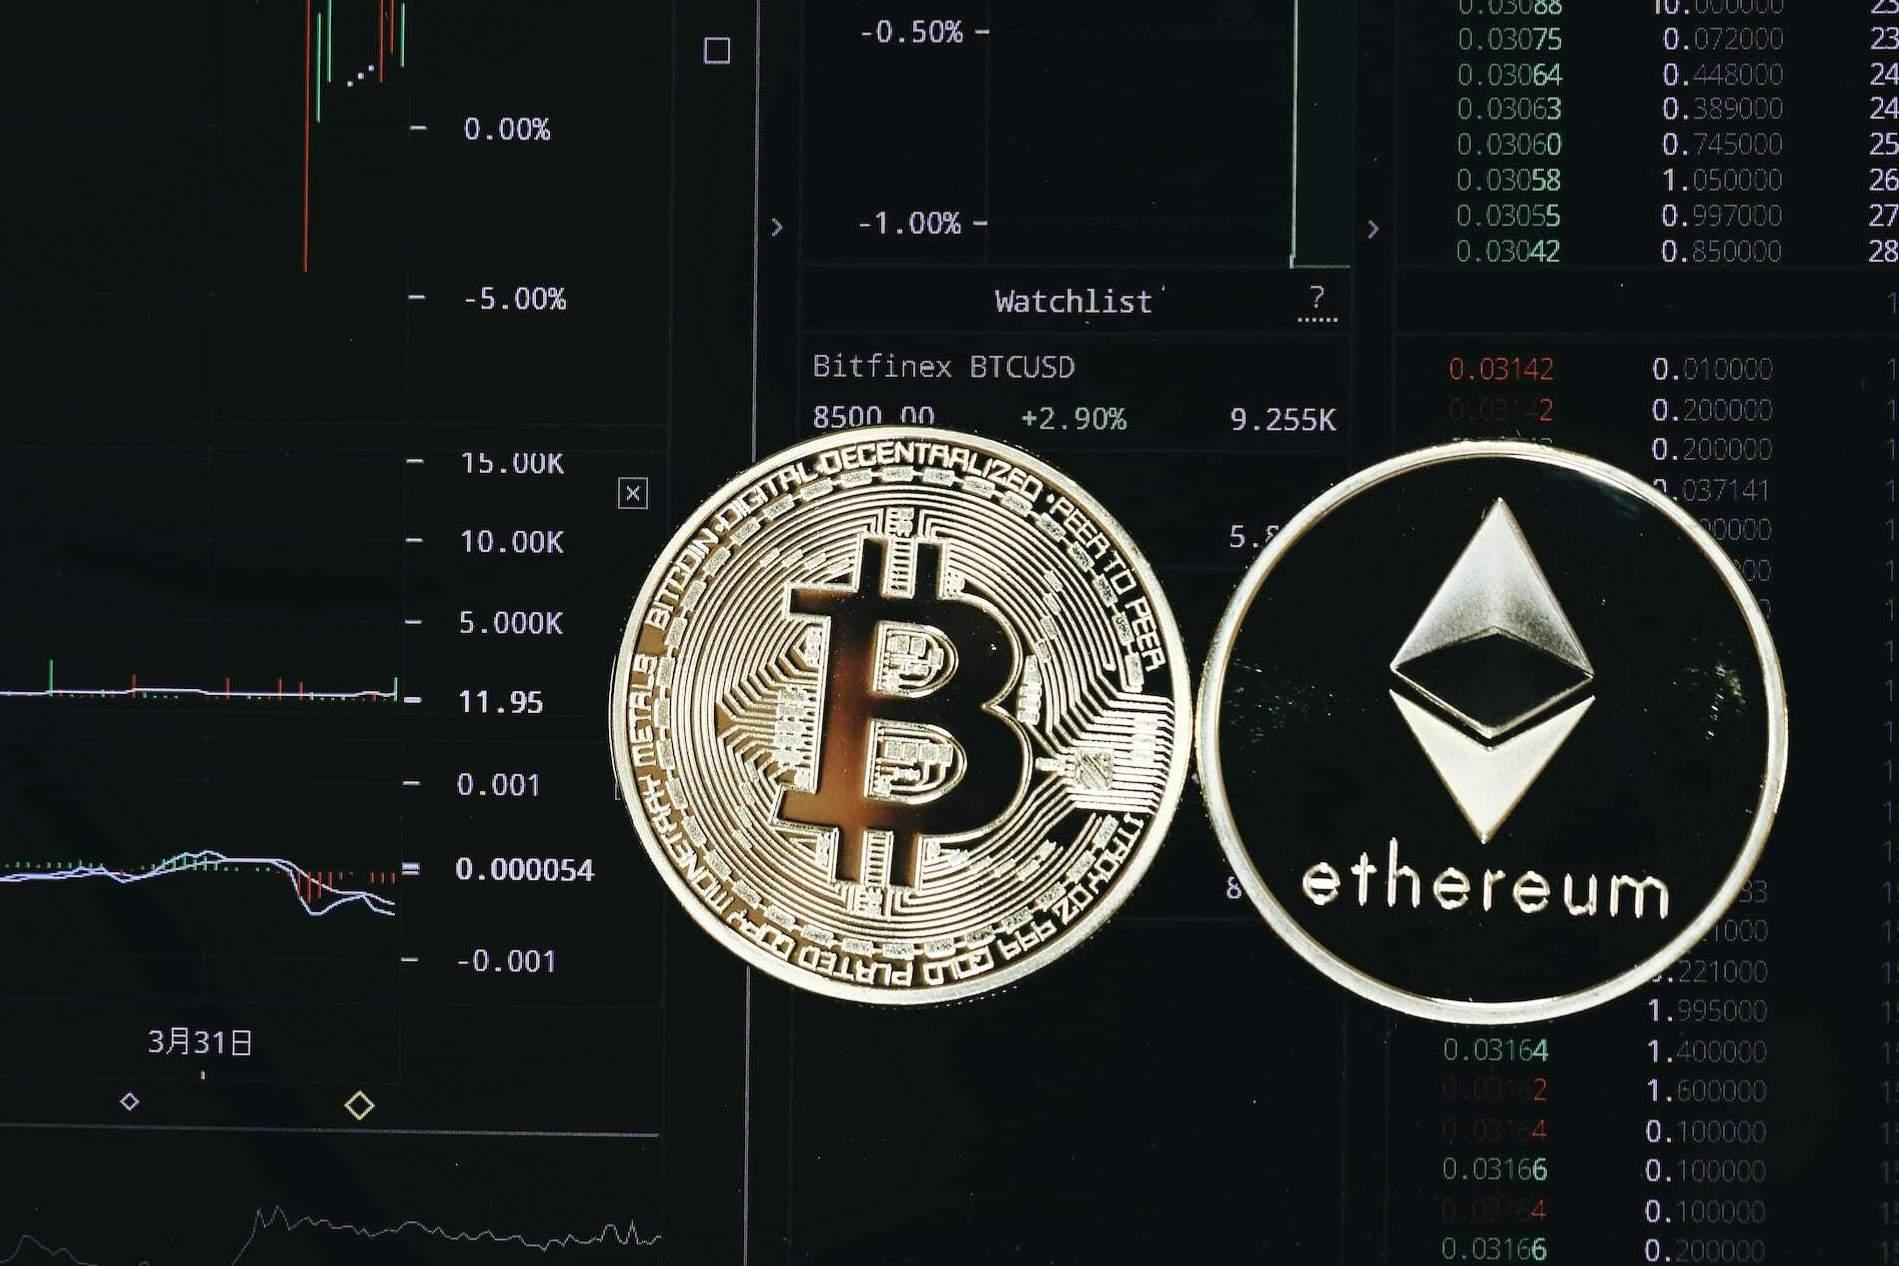 Cryptocurrency là gì? Loại tiền này có dùng để mua đồ được không?